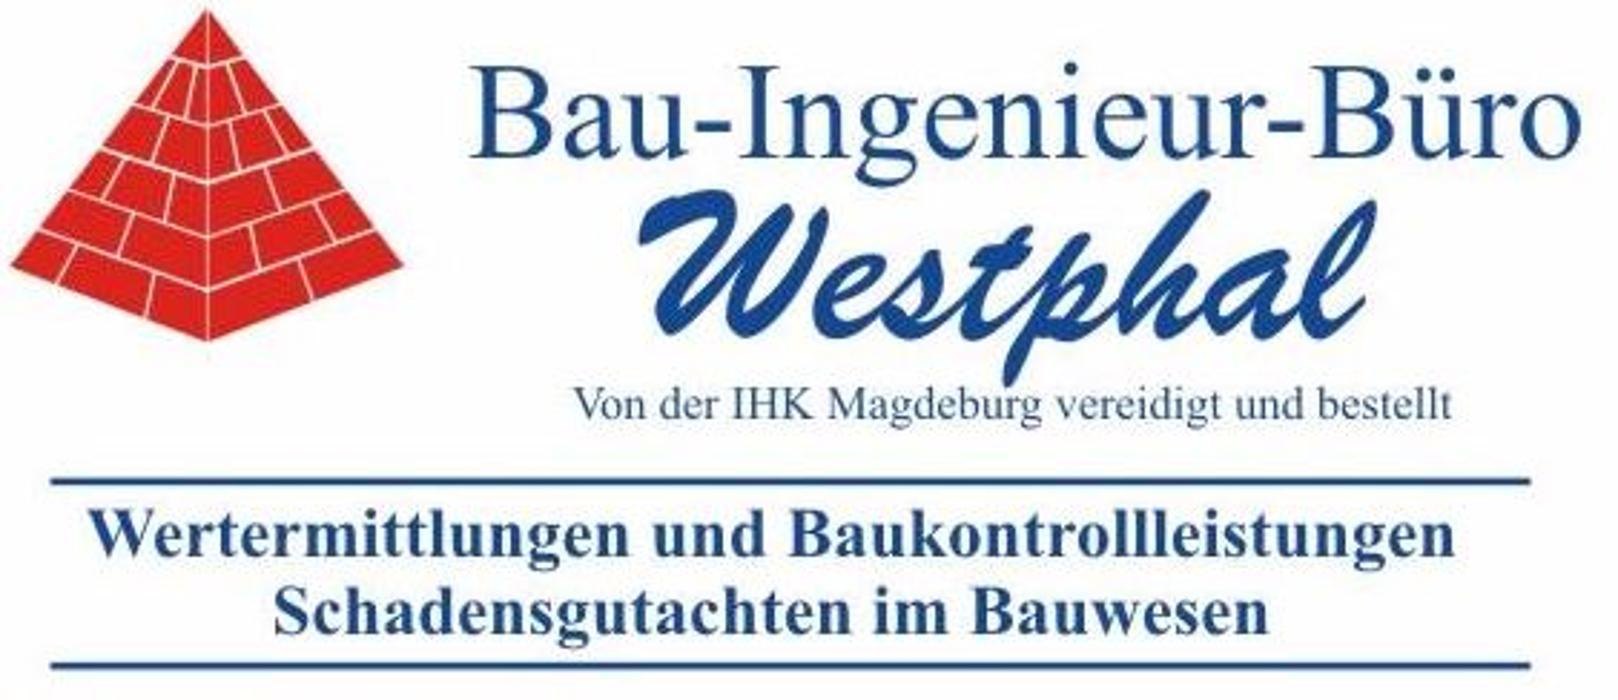 Bauingenieurbüro Westphal